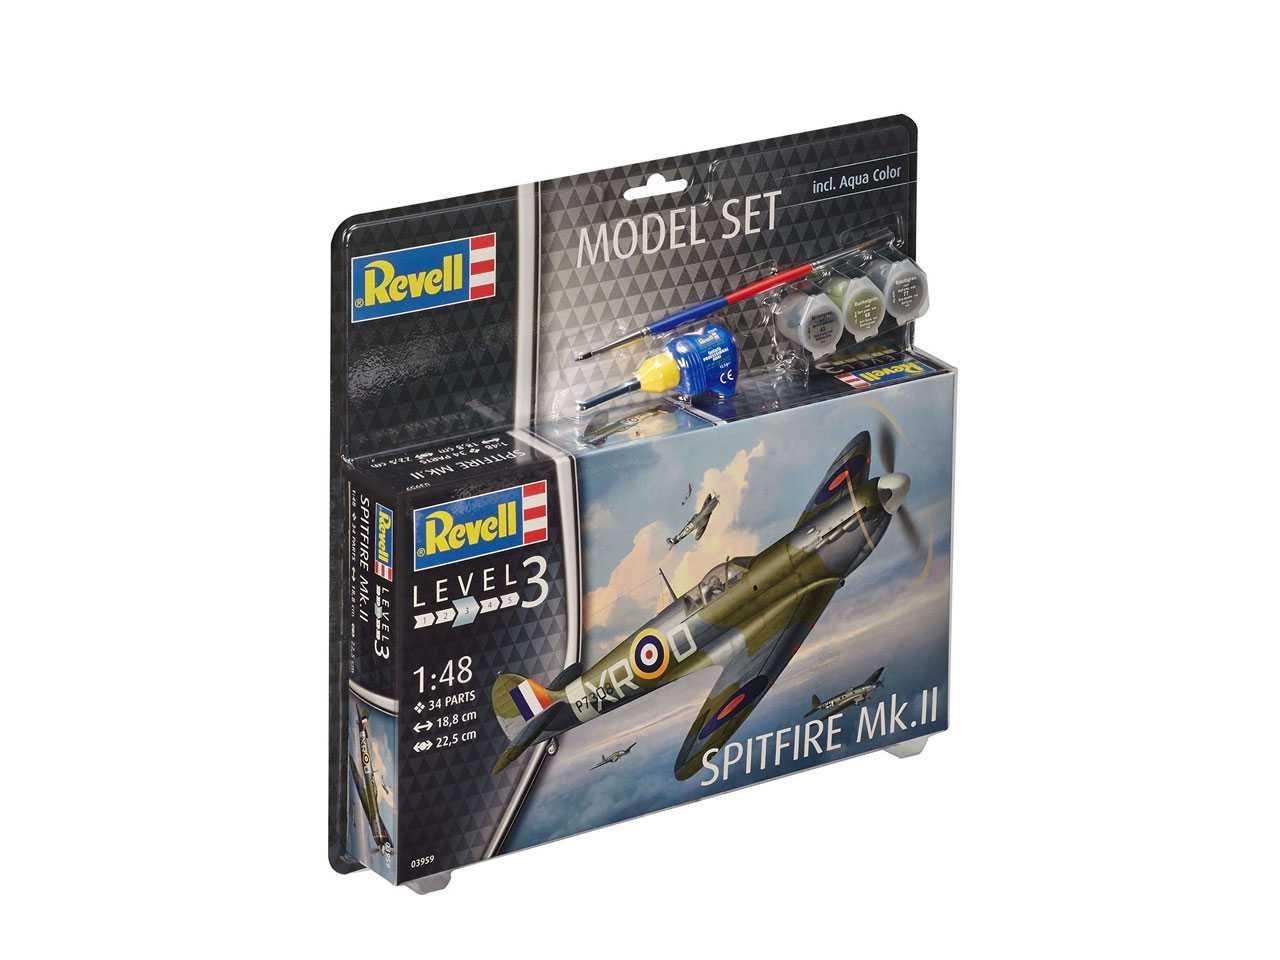 1:48 Spitfire Mk.II